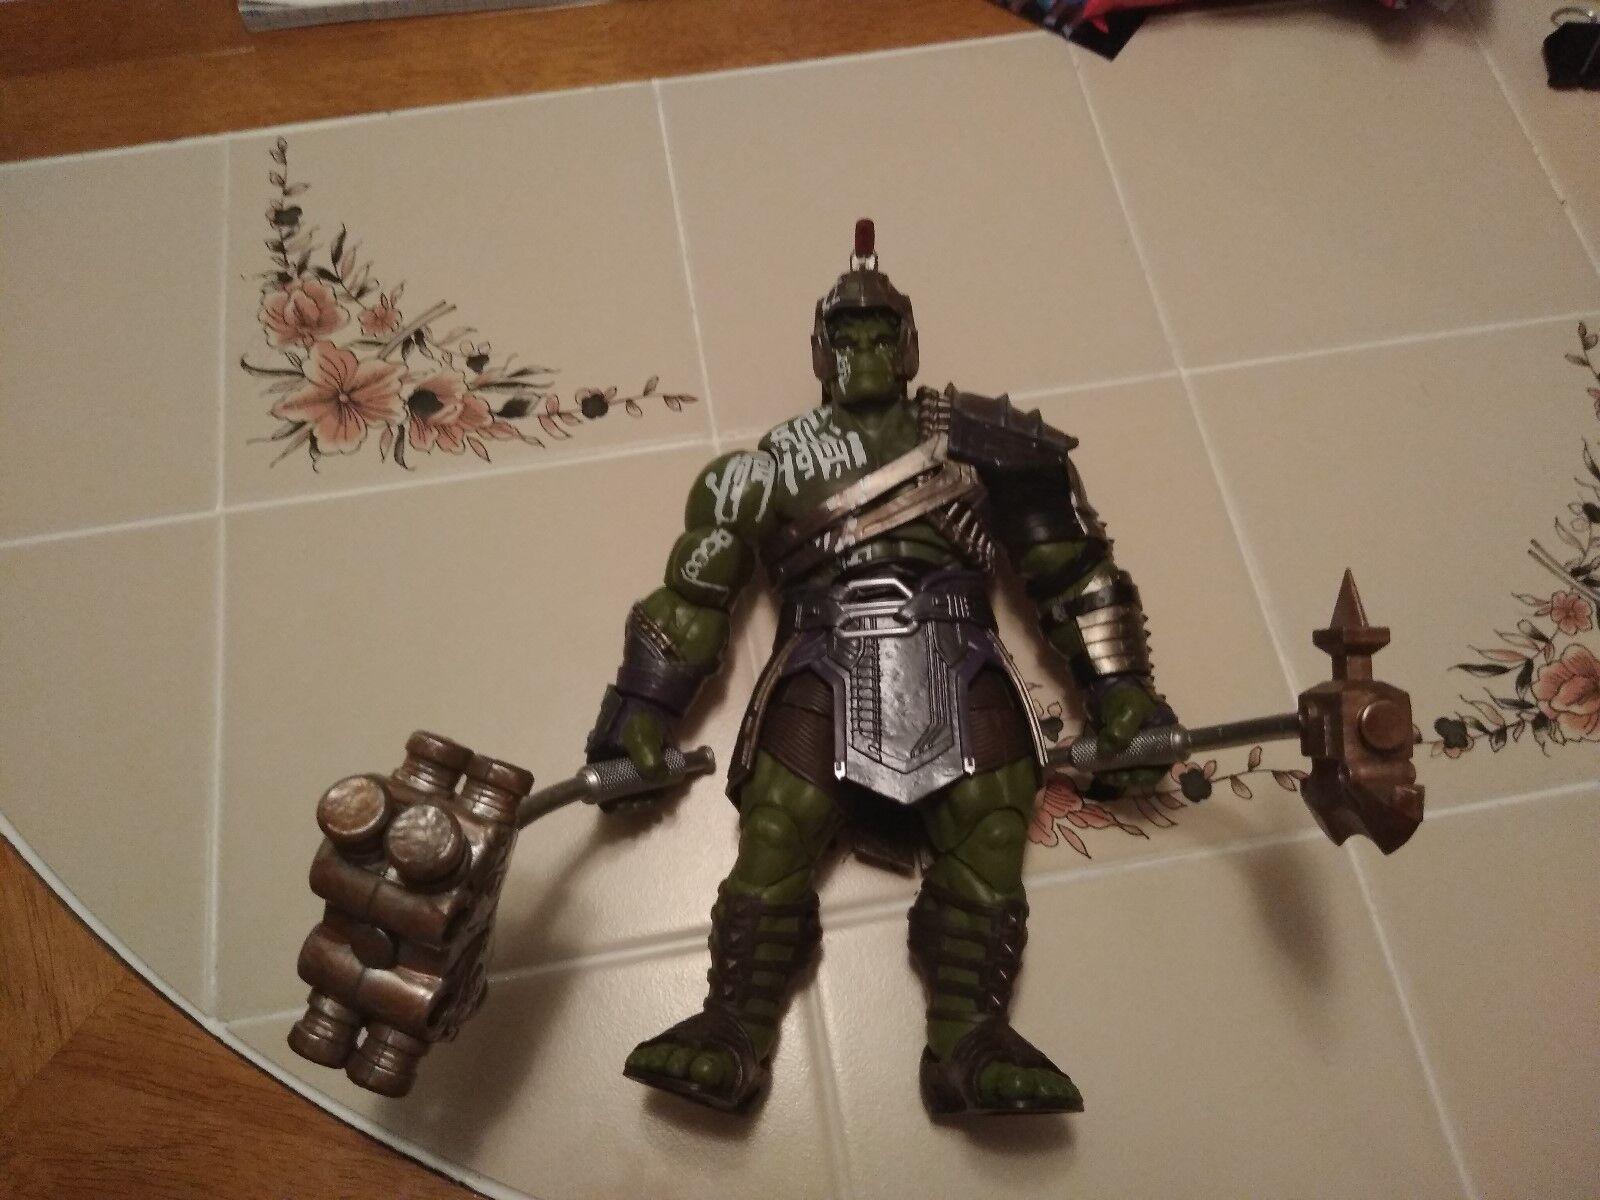 MCU Marvel Legends Thor Ragnarok Gladiator Hulk BAF Loose Complete